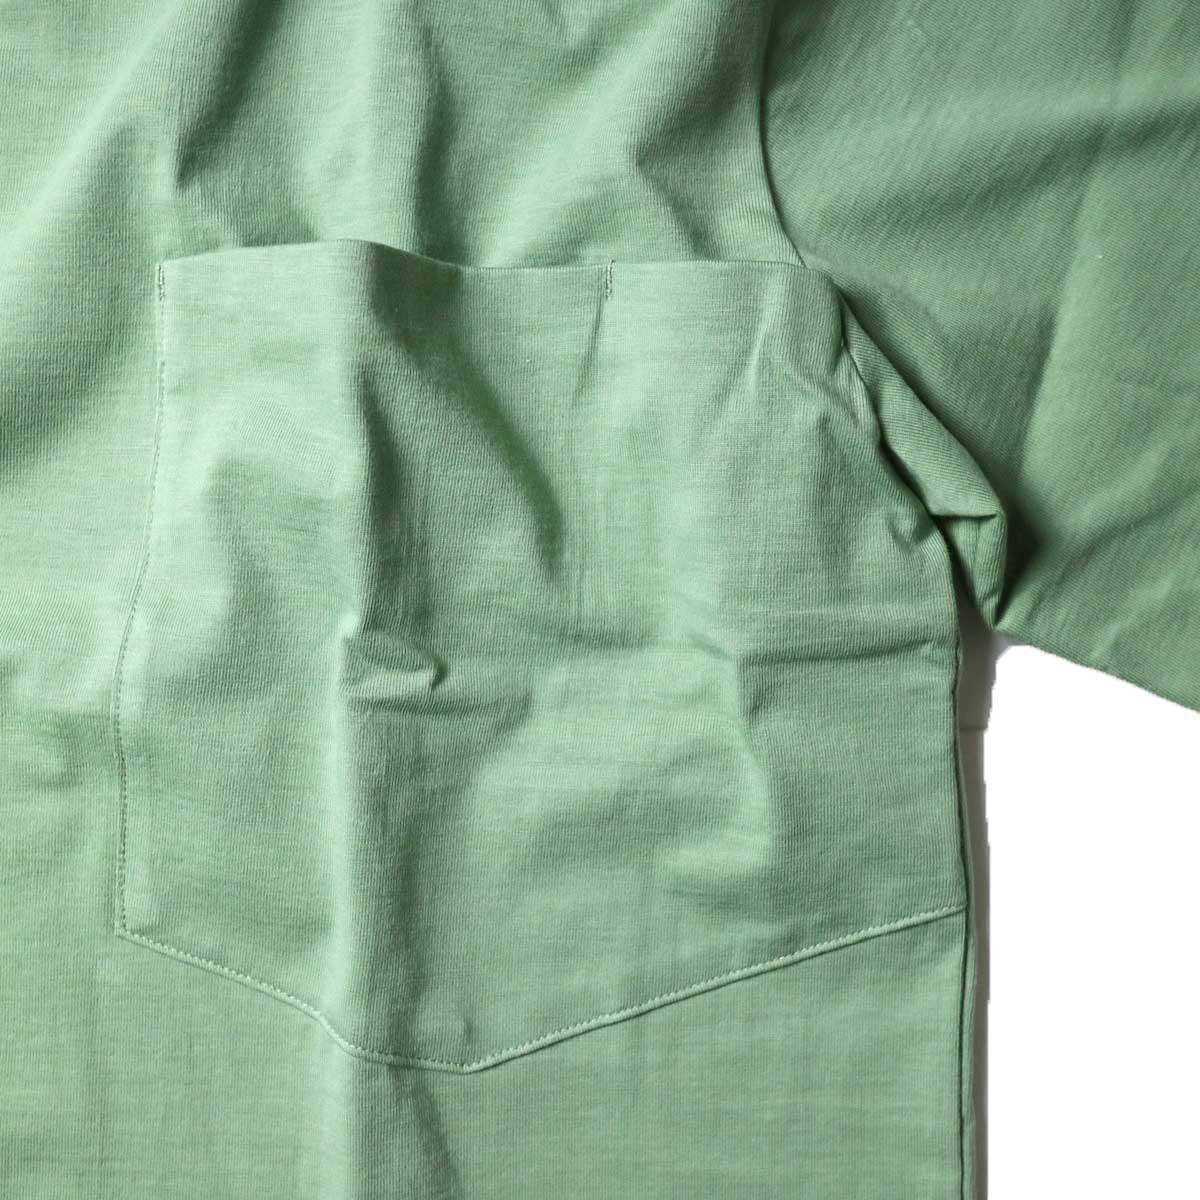 alvana / Tanguis Wide Pocket Tee (Forest Green)胸ポケット